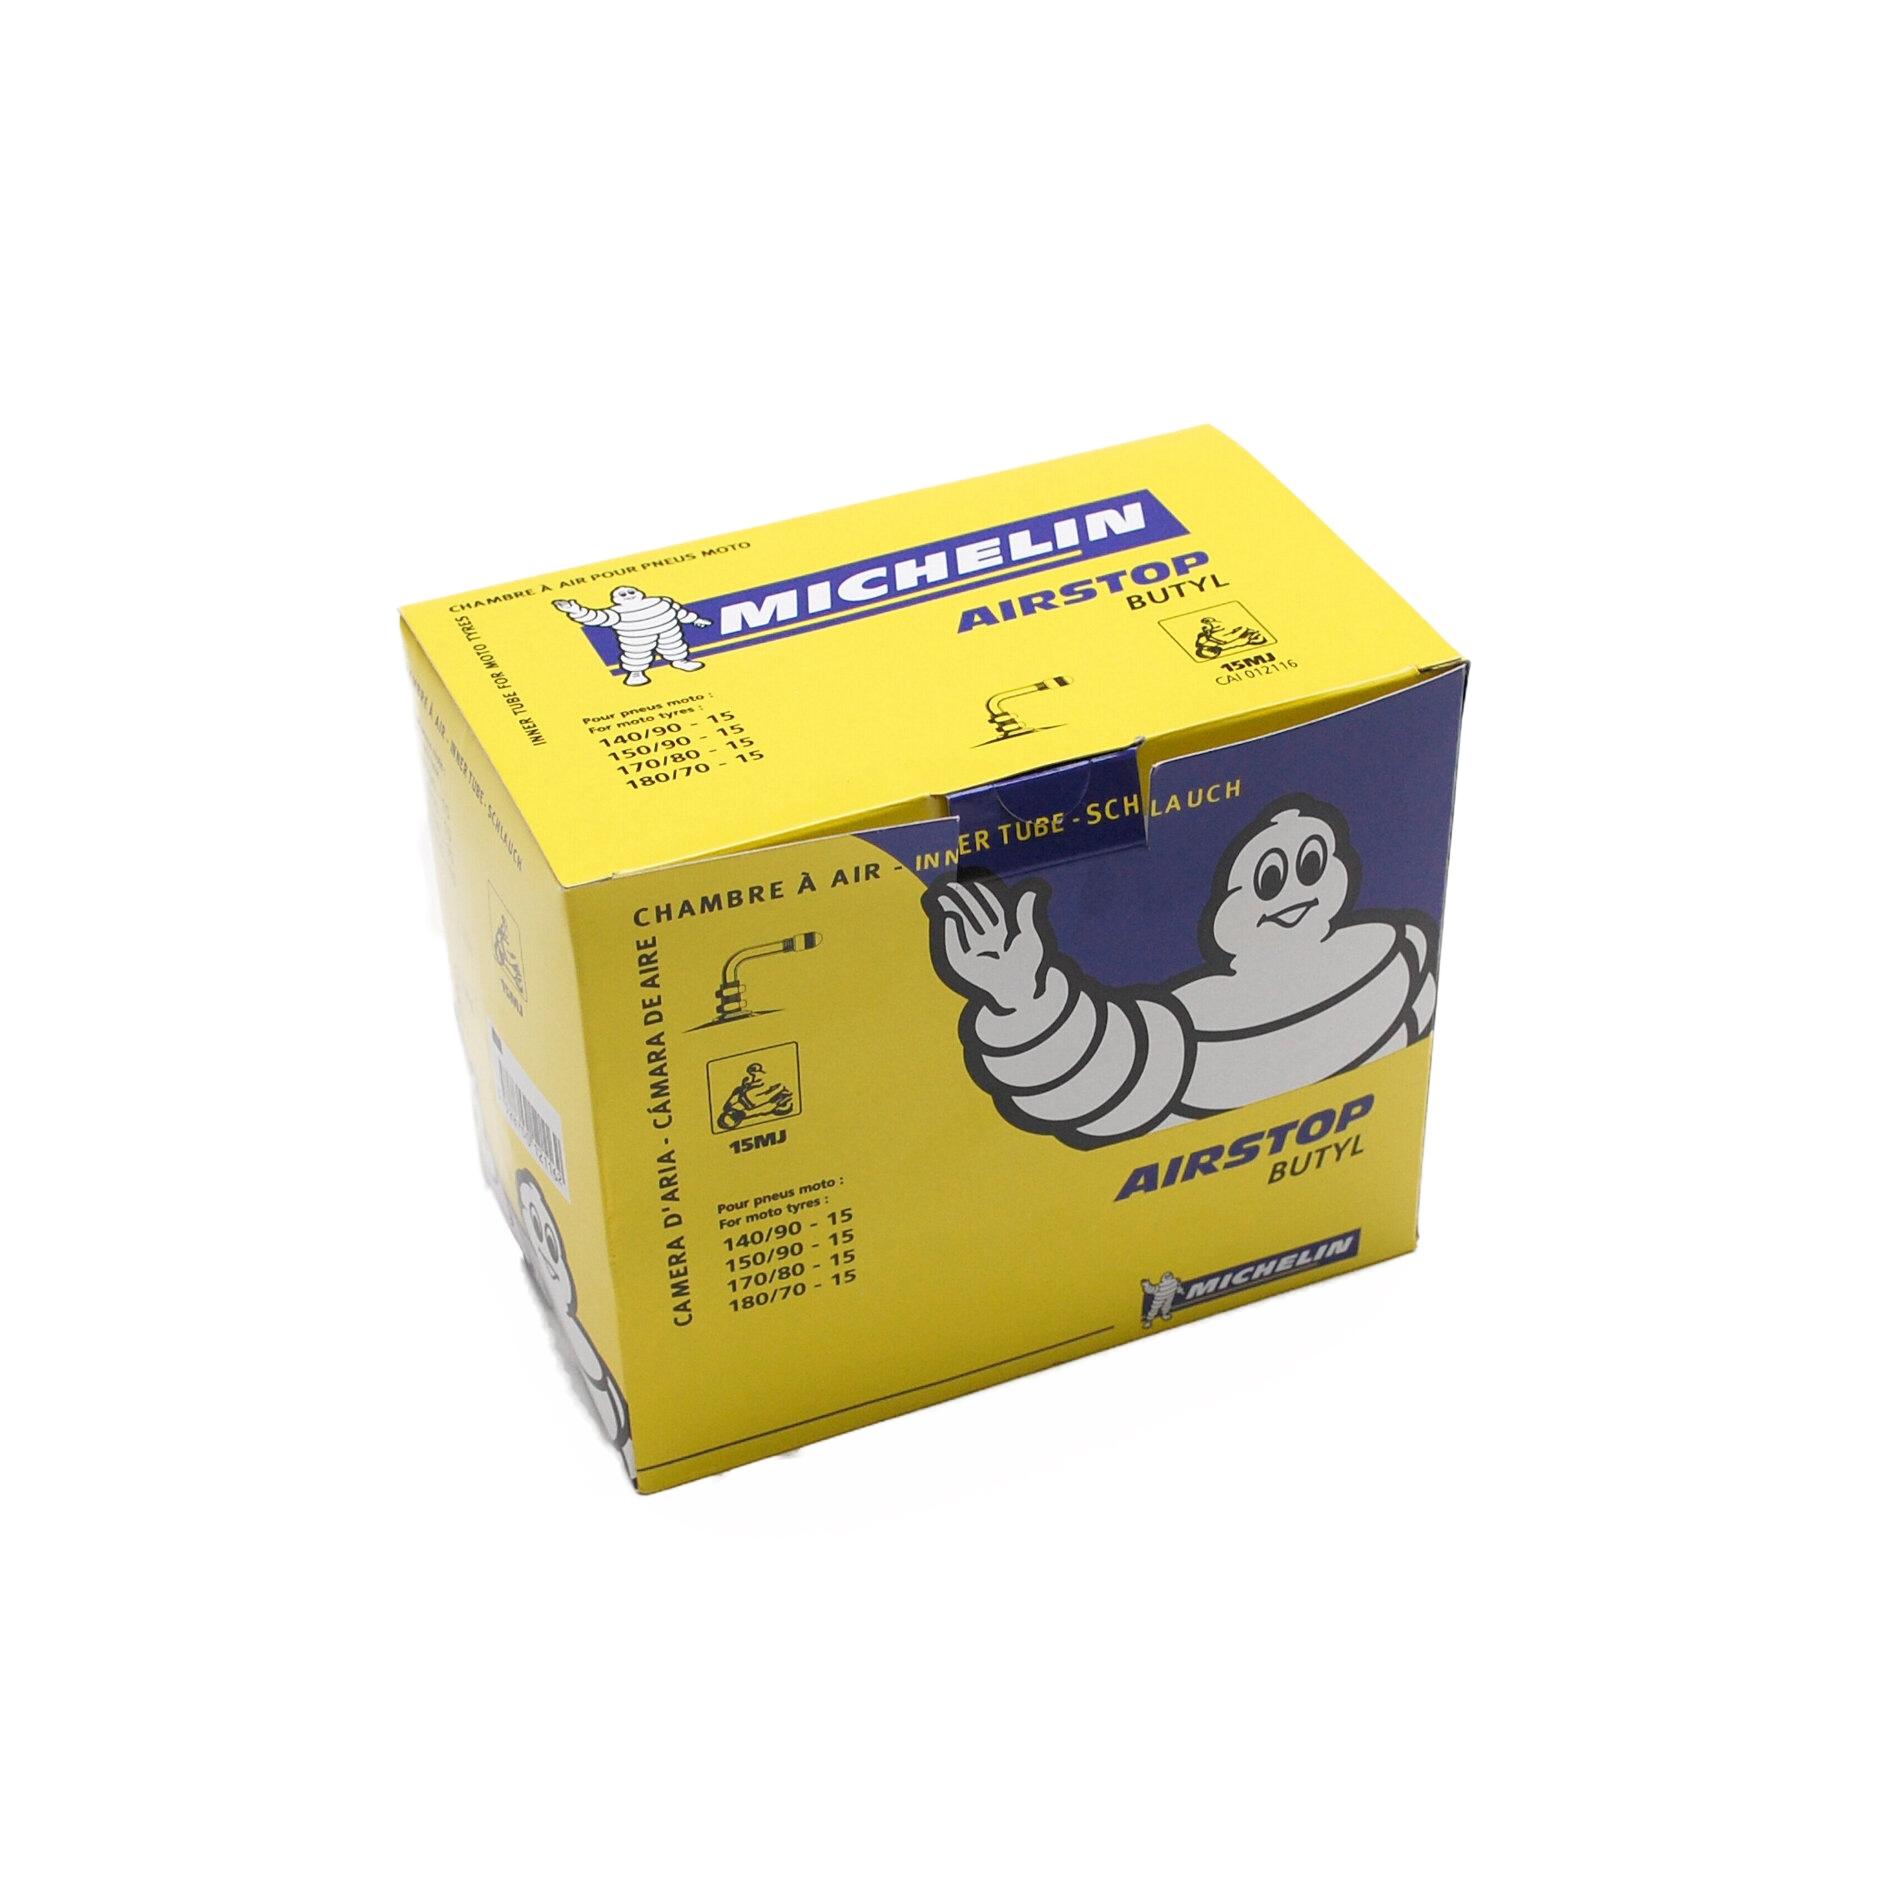 Chambre à air Michelin Street 140/90-15 valve coudée à 90